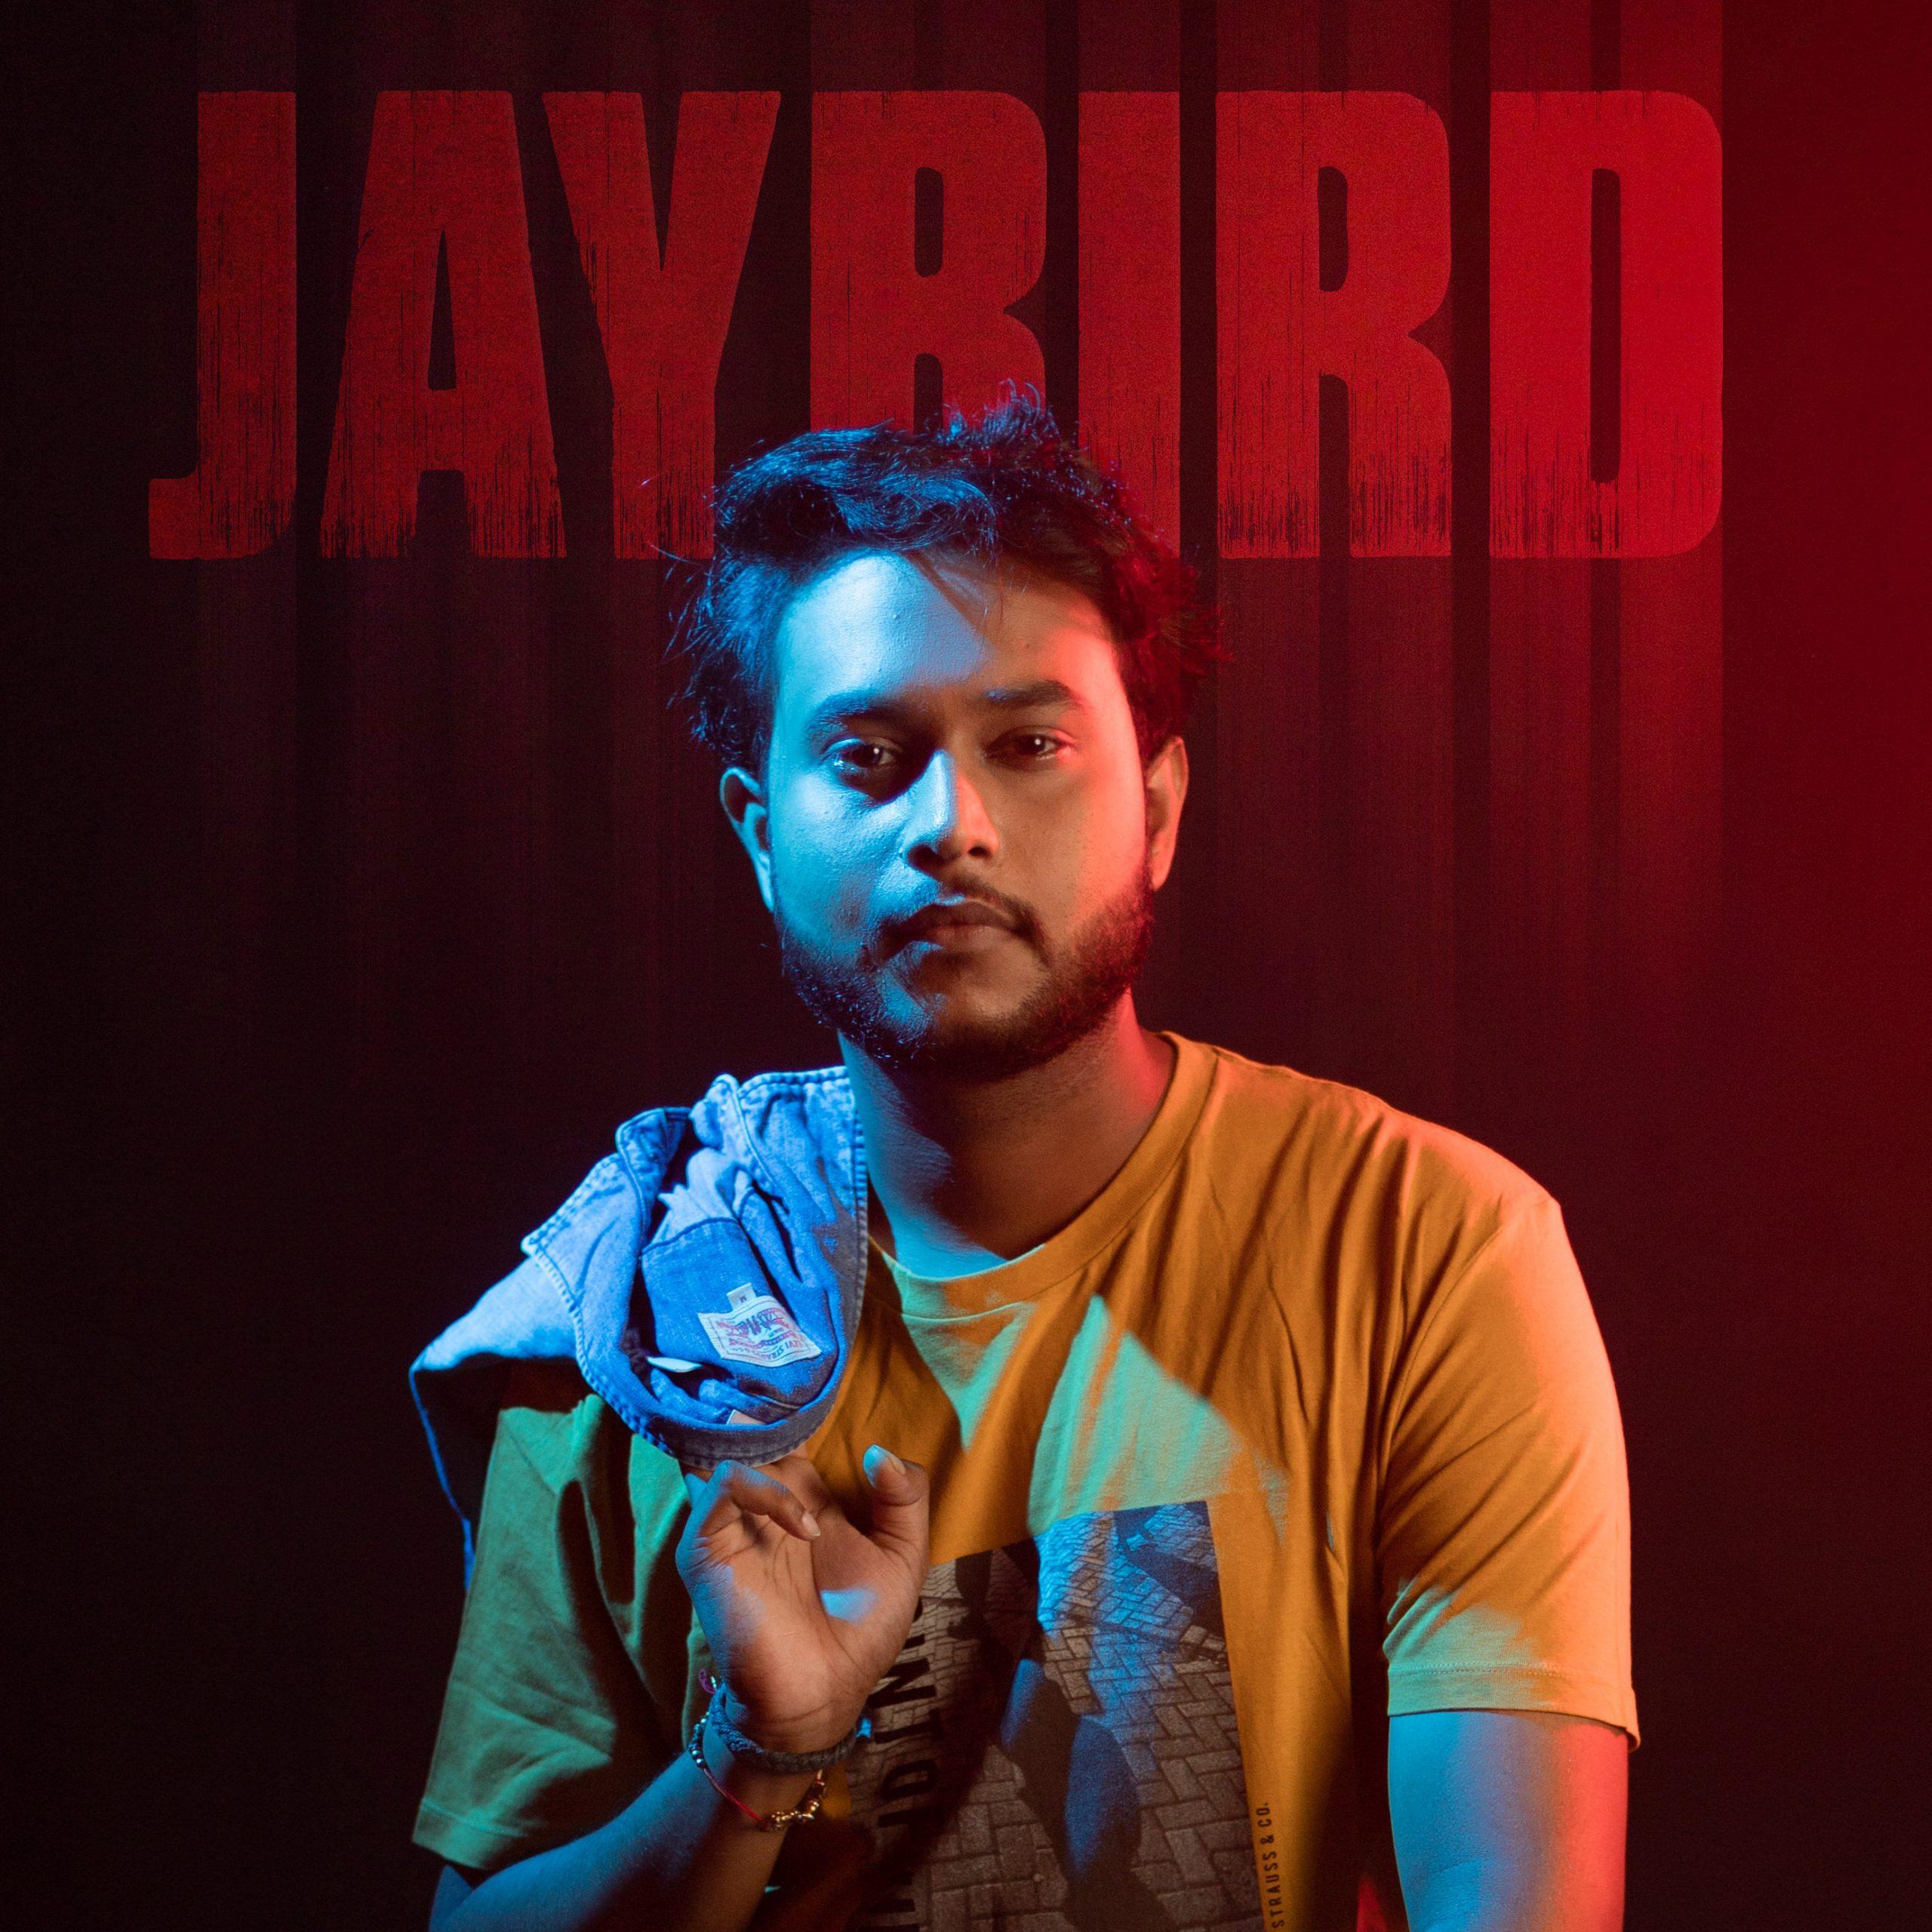 Jaybird's new song 'Jaane Na Dena' is a must listen 2